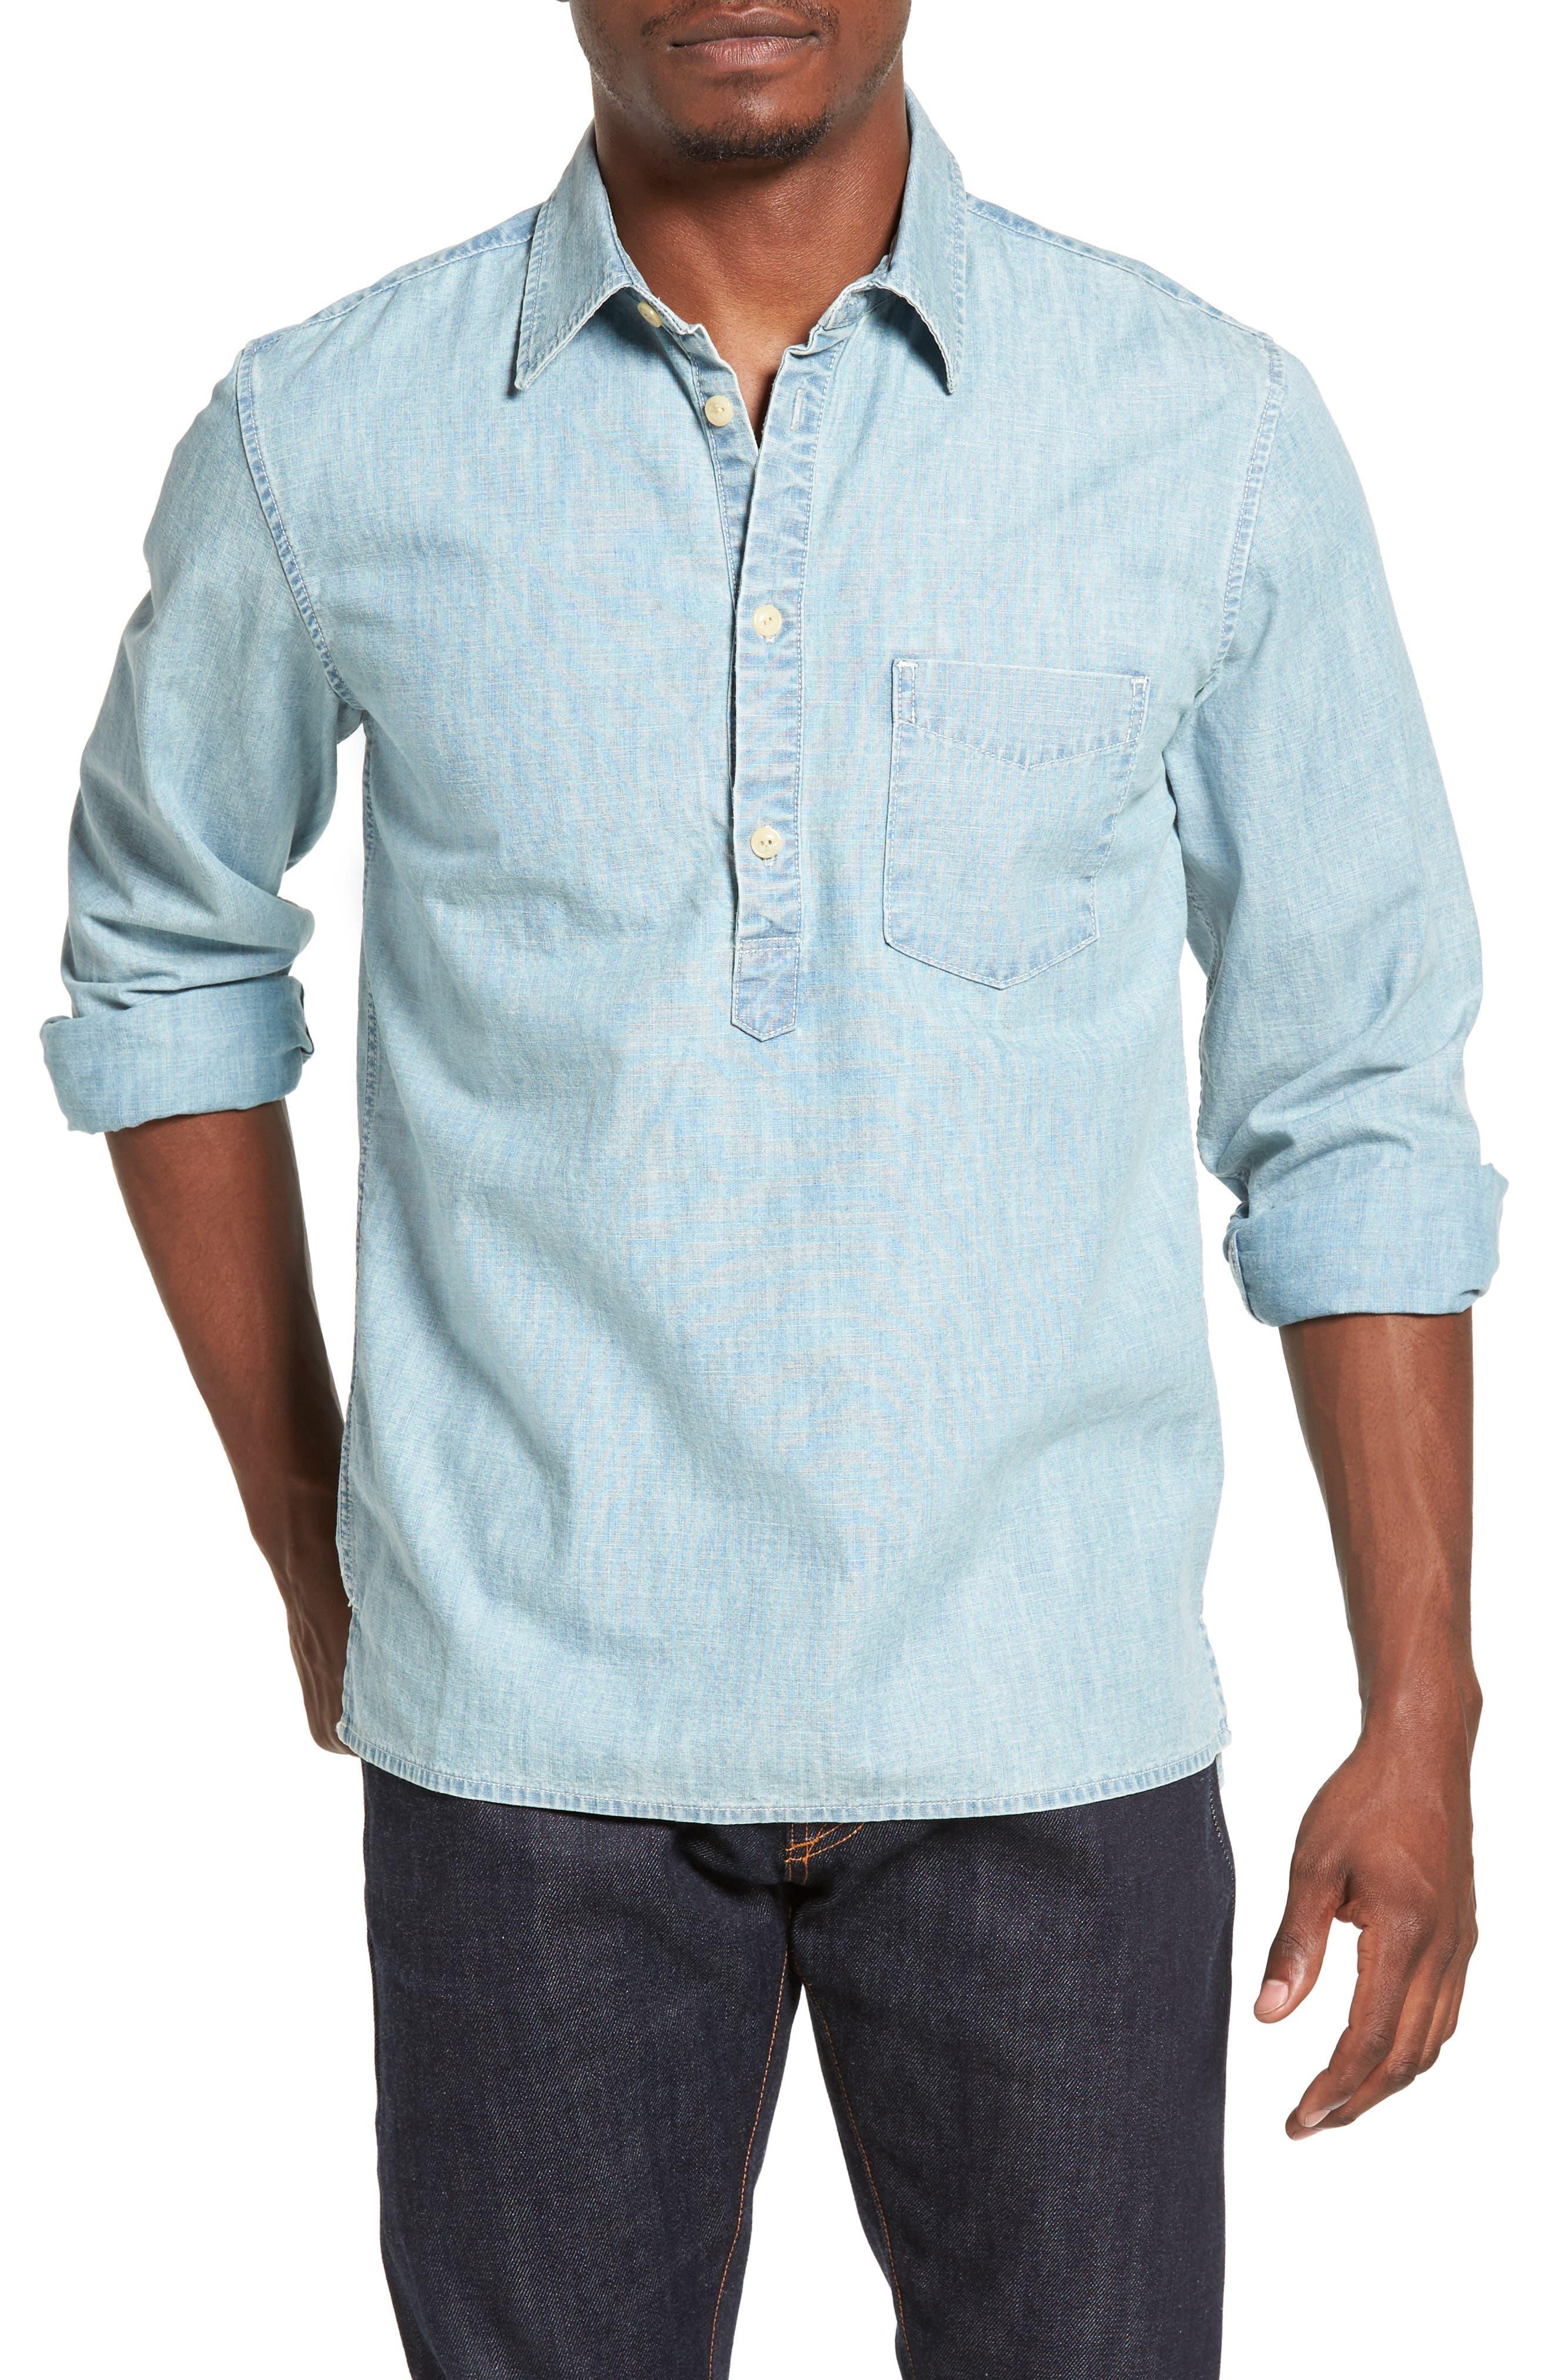 JEAN SHOP Ethan Chambray Shirt, Main, color, 470